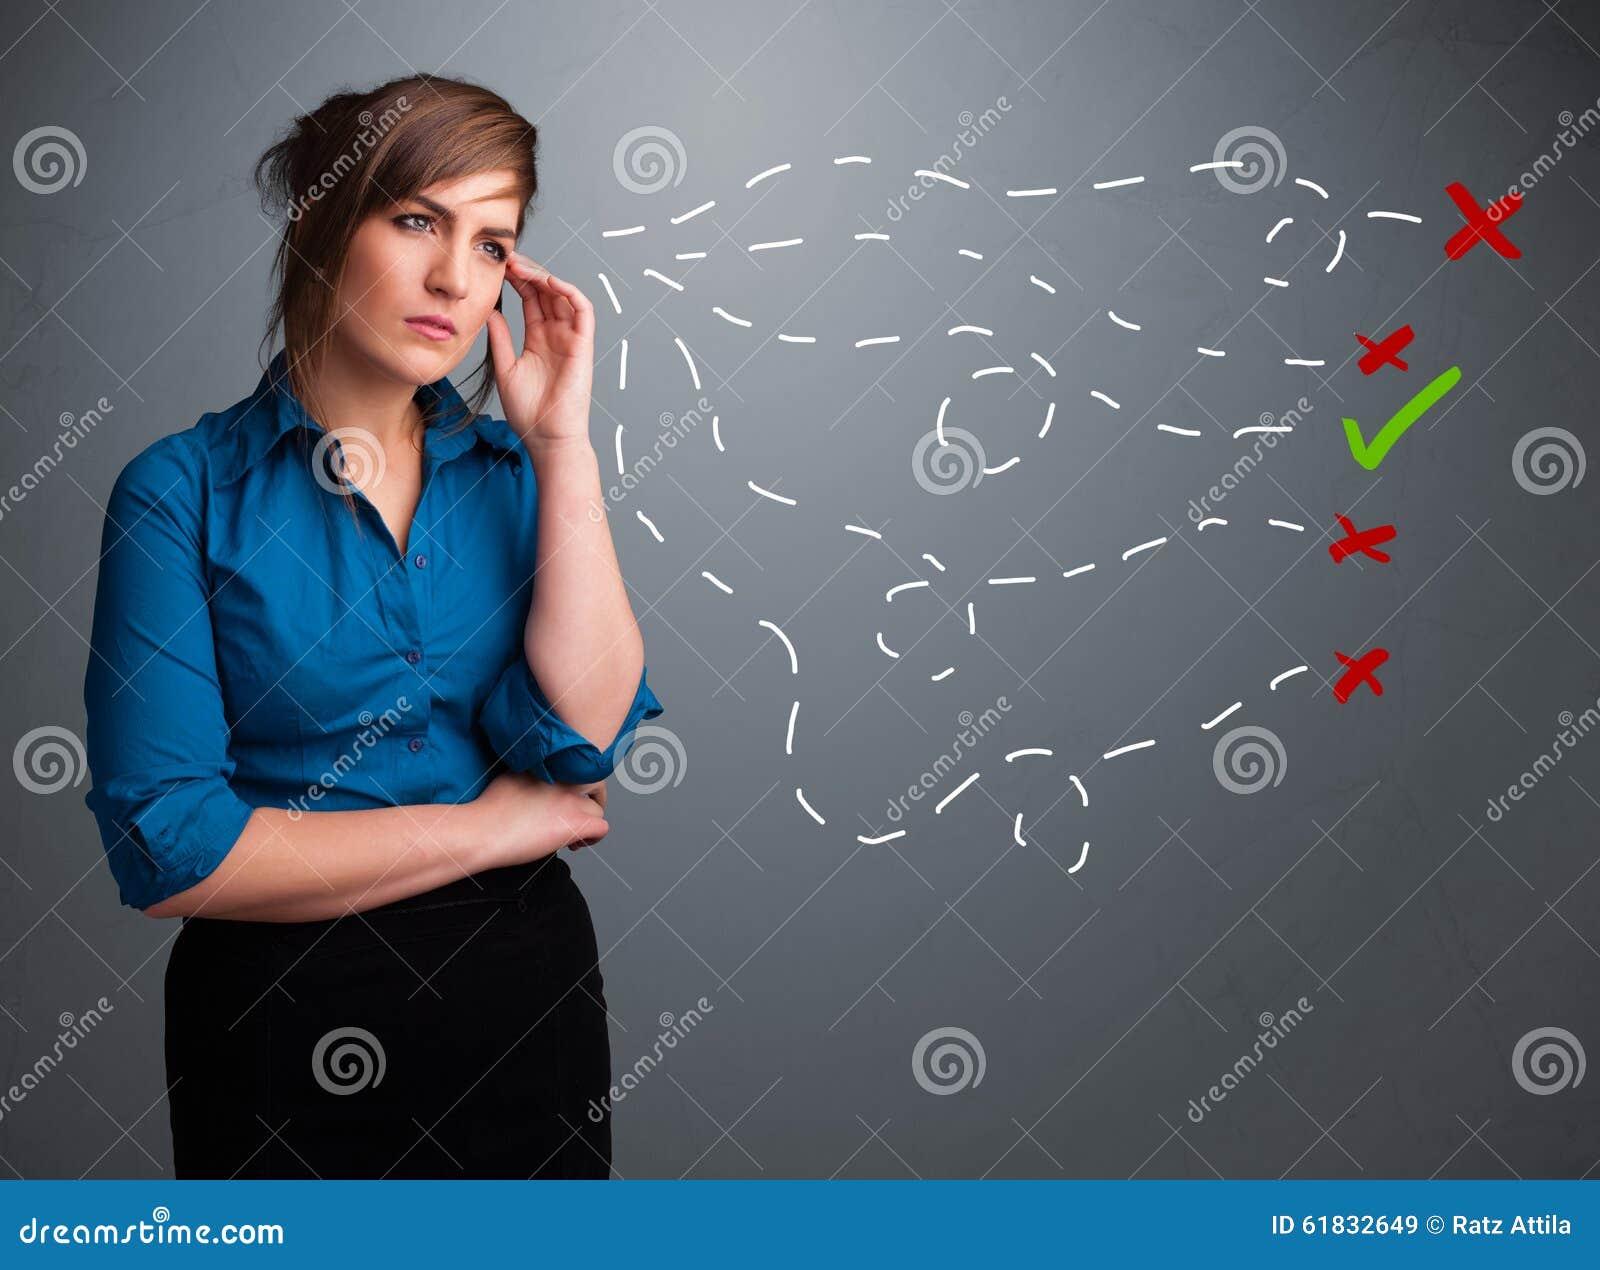 jeune femme choisissant entre de bons et faux signes image stock image du cr ativit. Black Bedroom Furniture Sets. Home Design Ideas